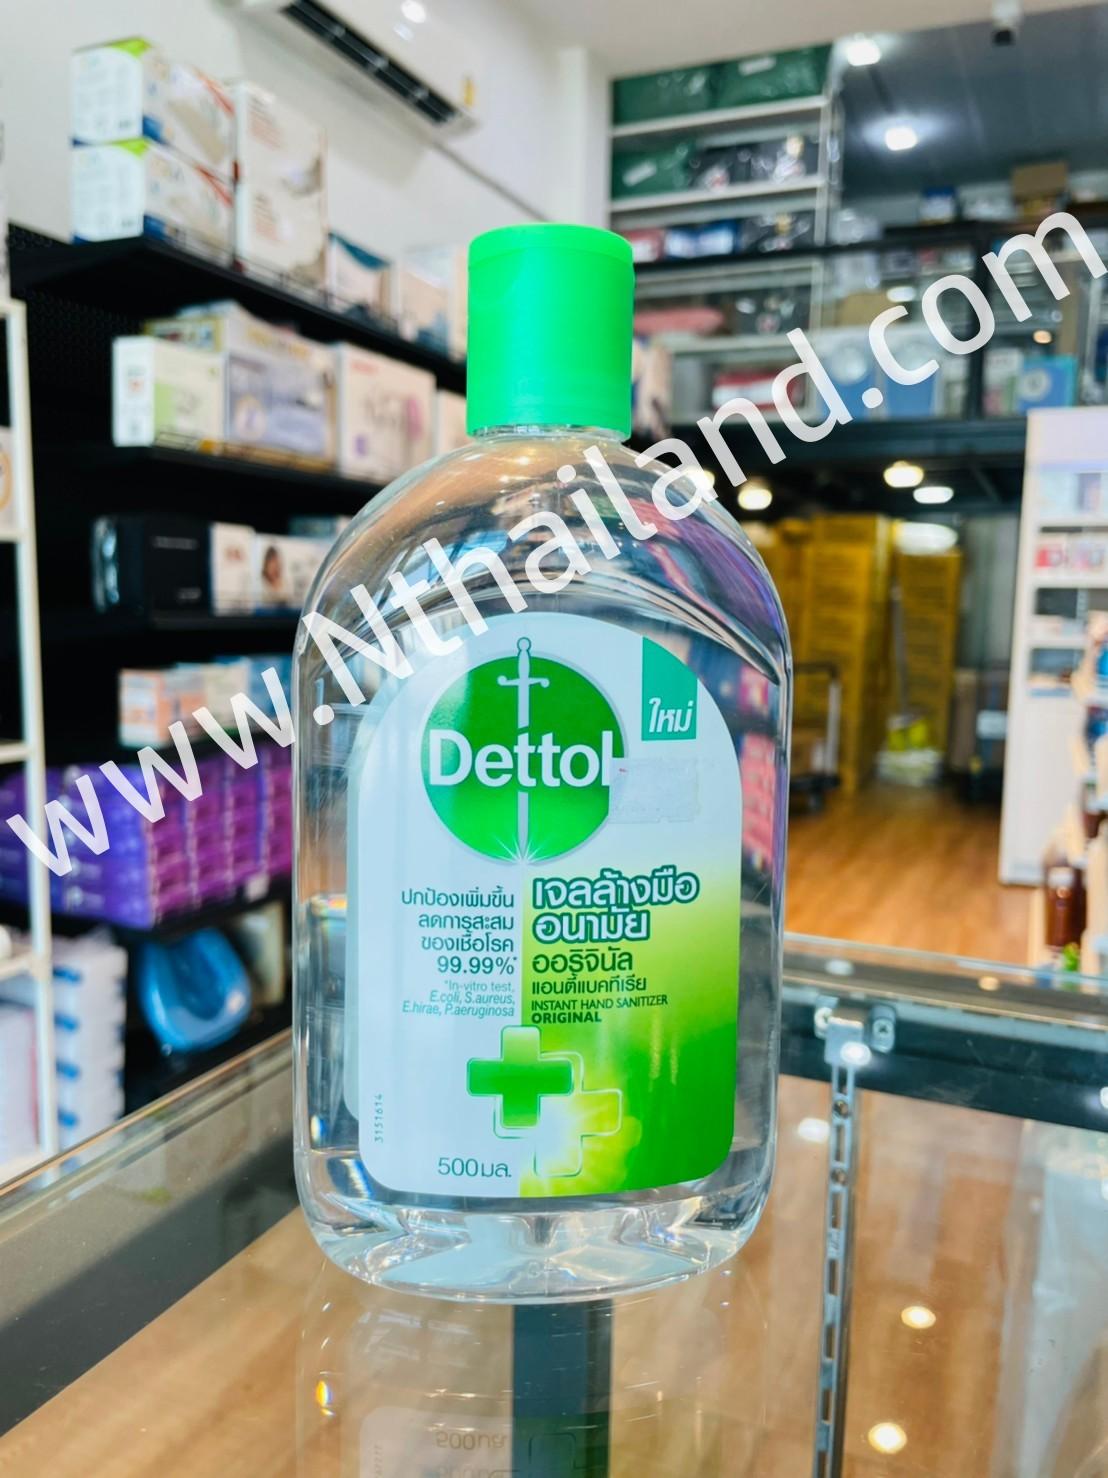 เดทตอล(Dettol) เจลล้างมืออนามัย